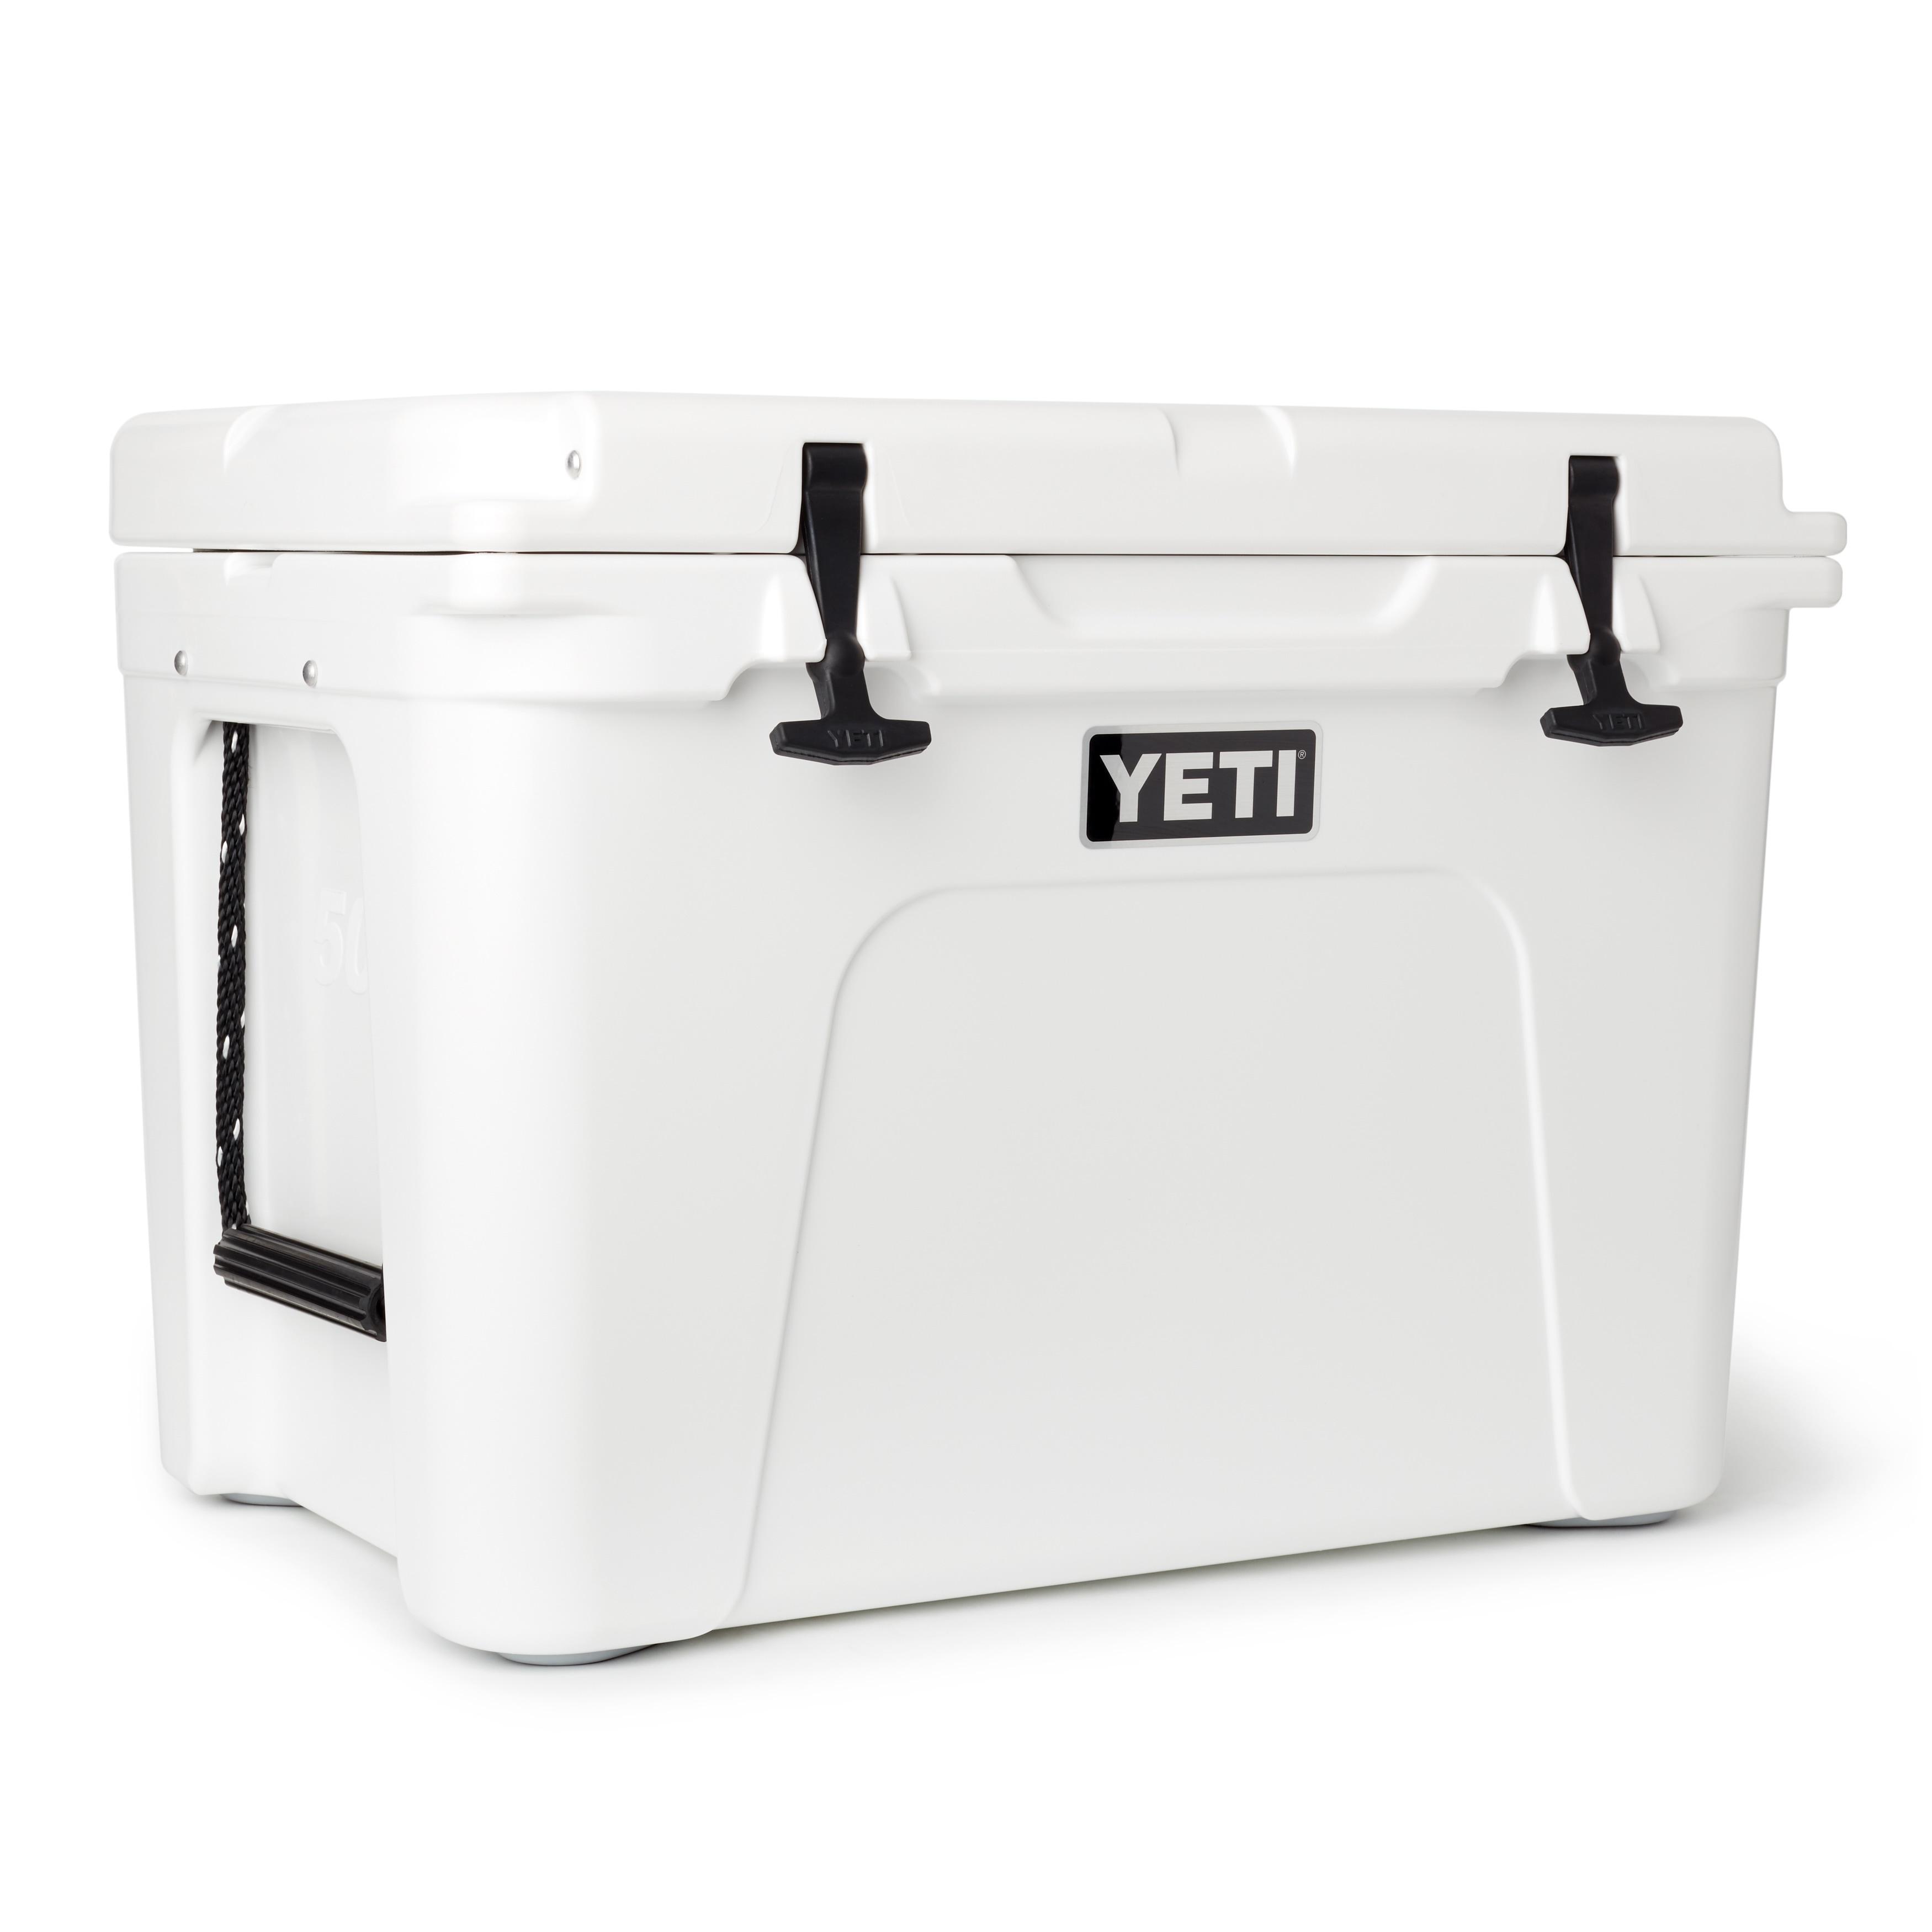 Yeti Tundra 50 Cooler, Model YT50 (White) (Polyurethane)